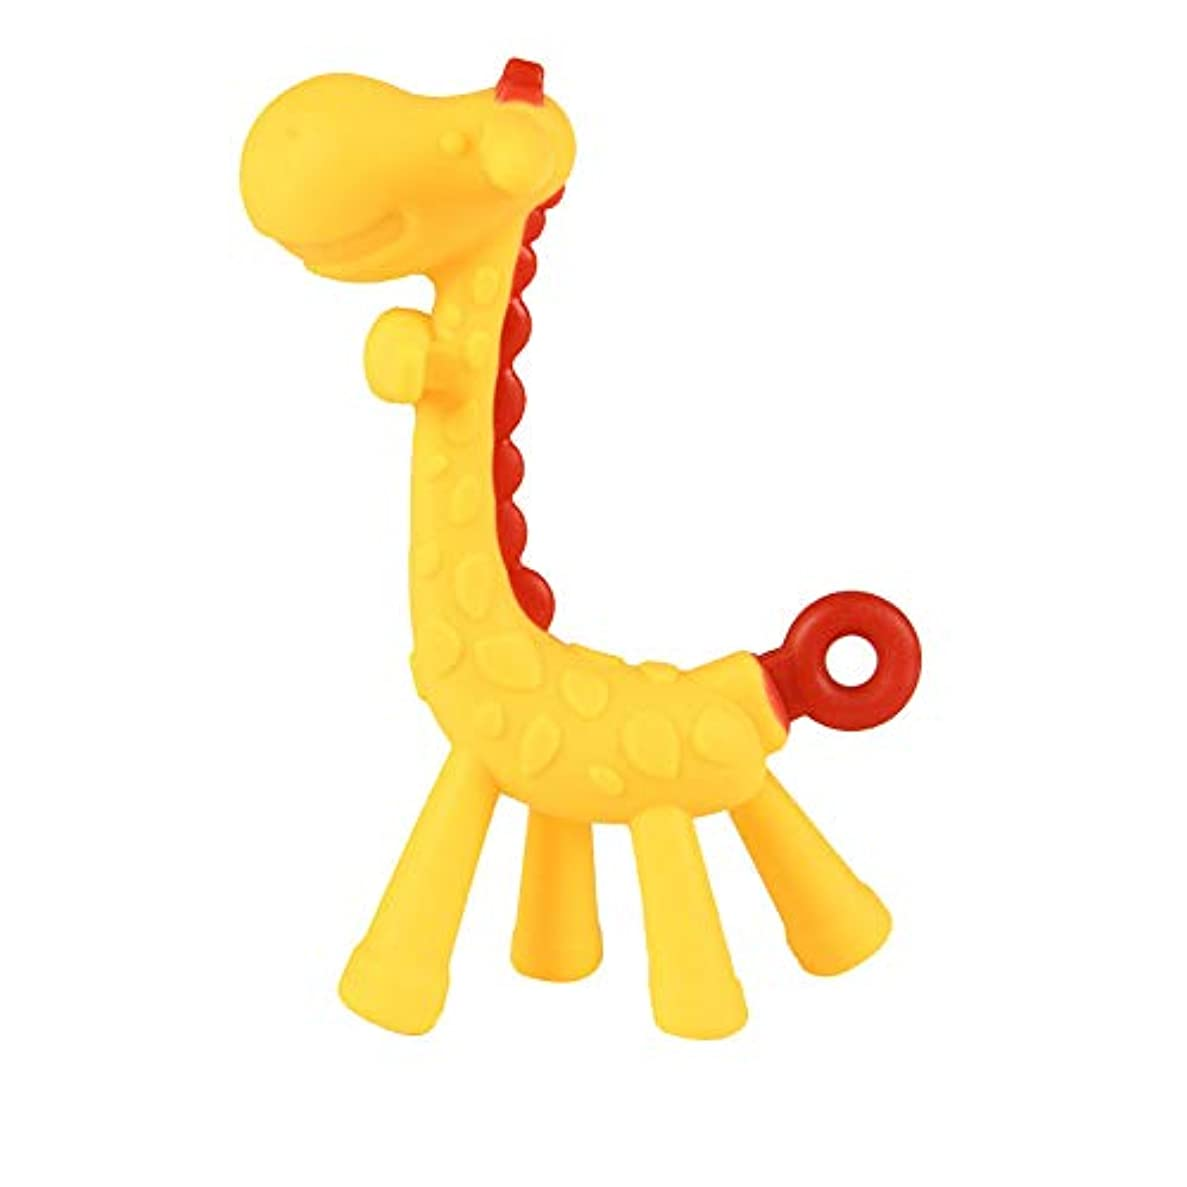 夢添加発明歯科研修シリコーン一口乳歯スティック漫画のキリンソフトおもちゃかわいい黄色のベビー用品